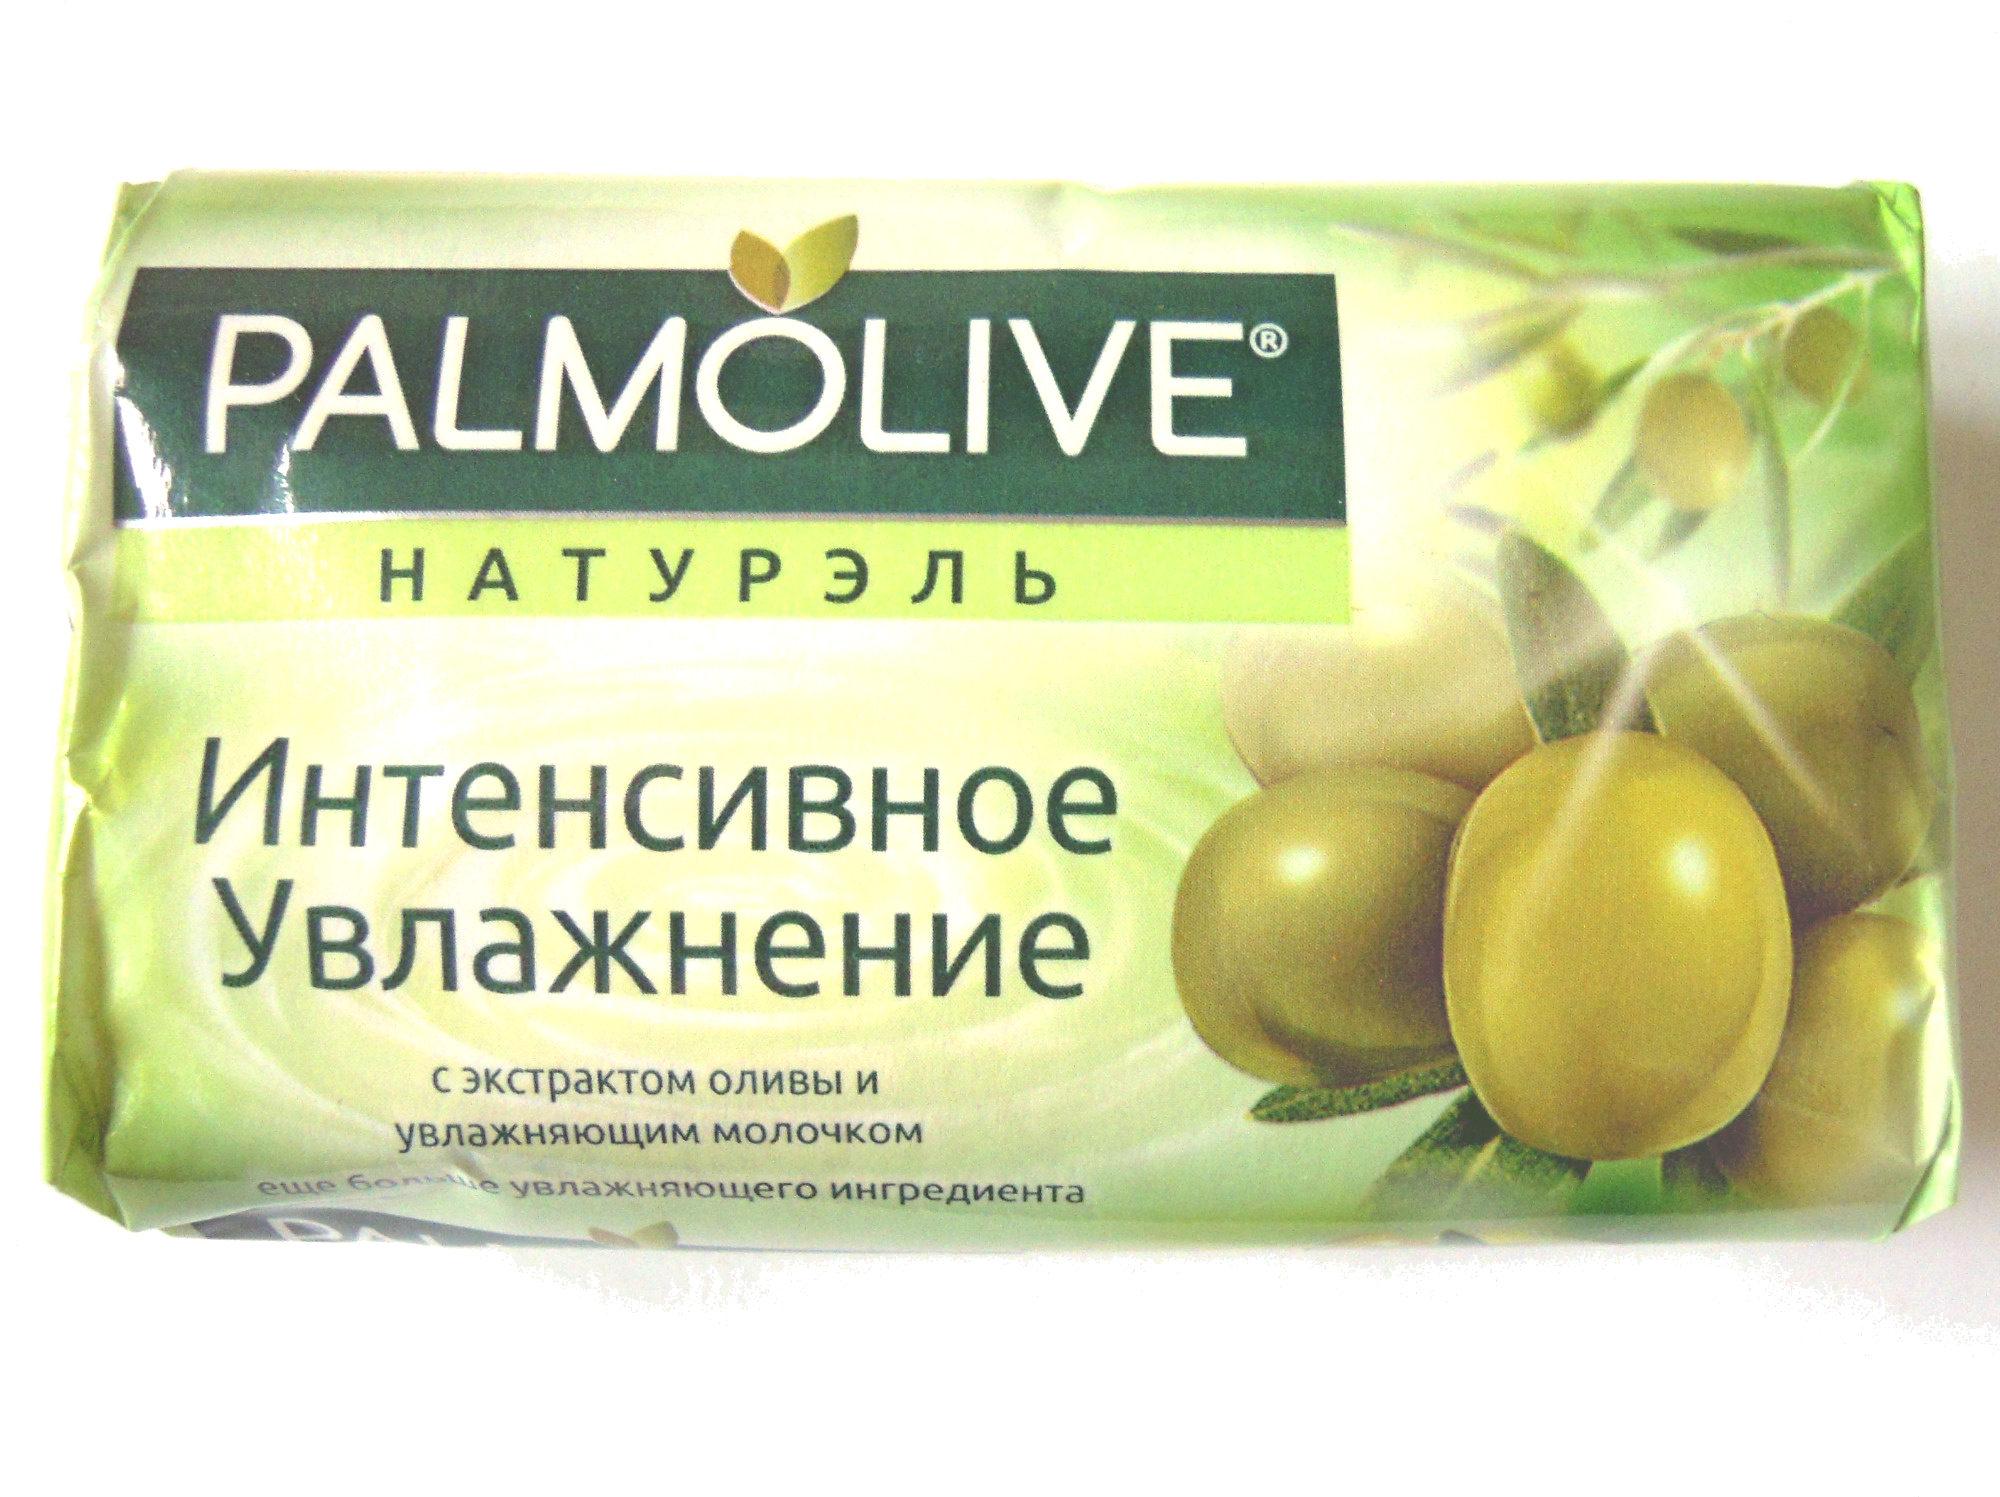 Интенсивное увлажнение - Product - ru